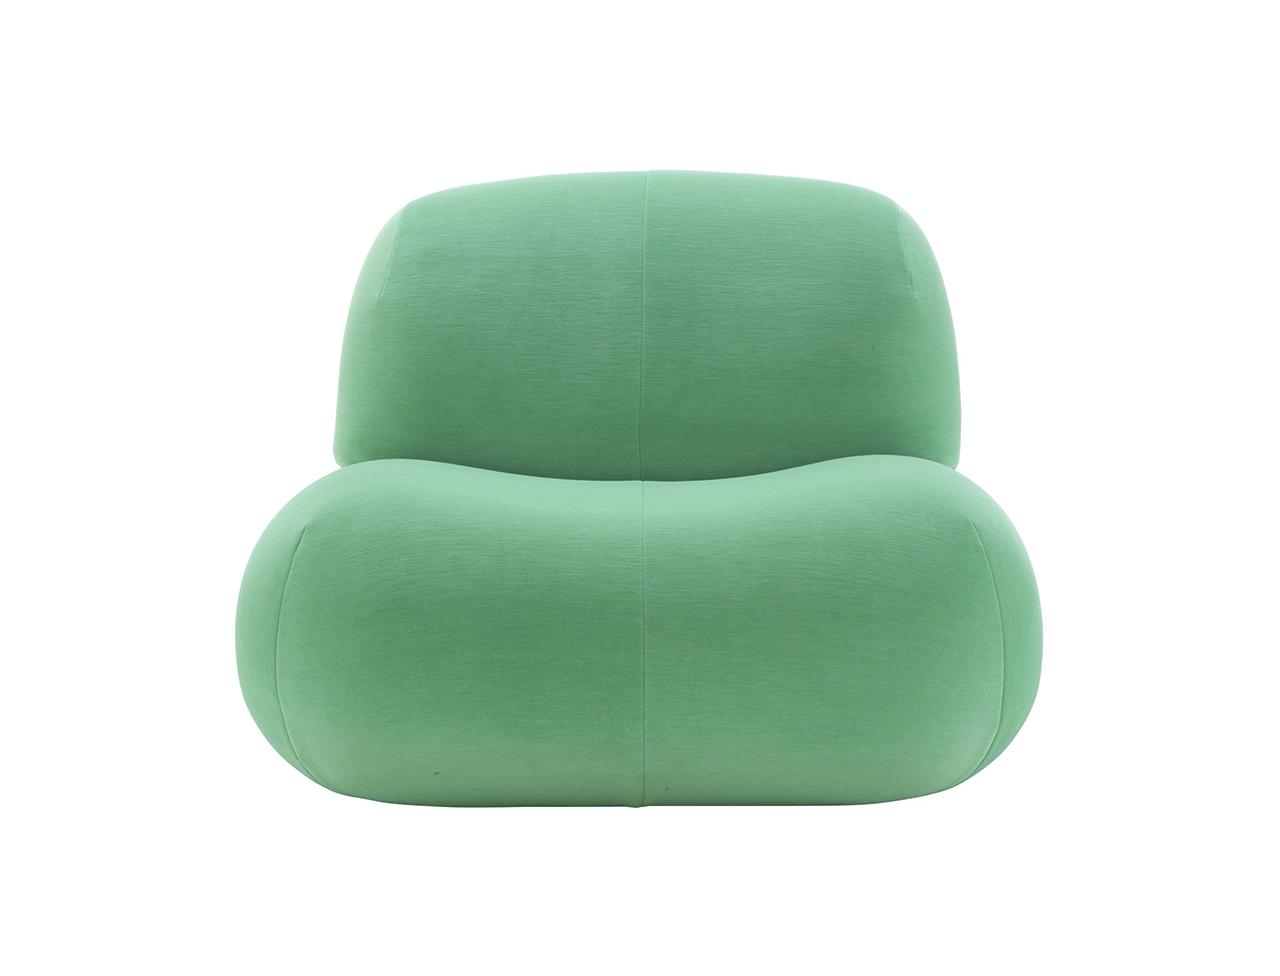 seafoam green chair